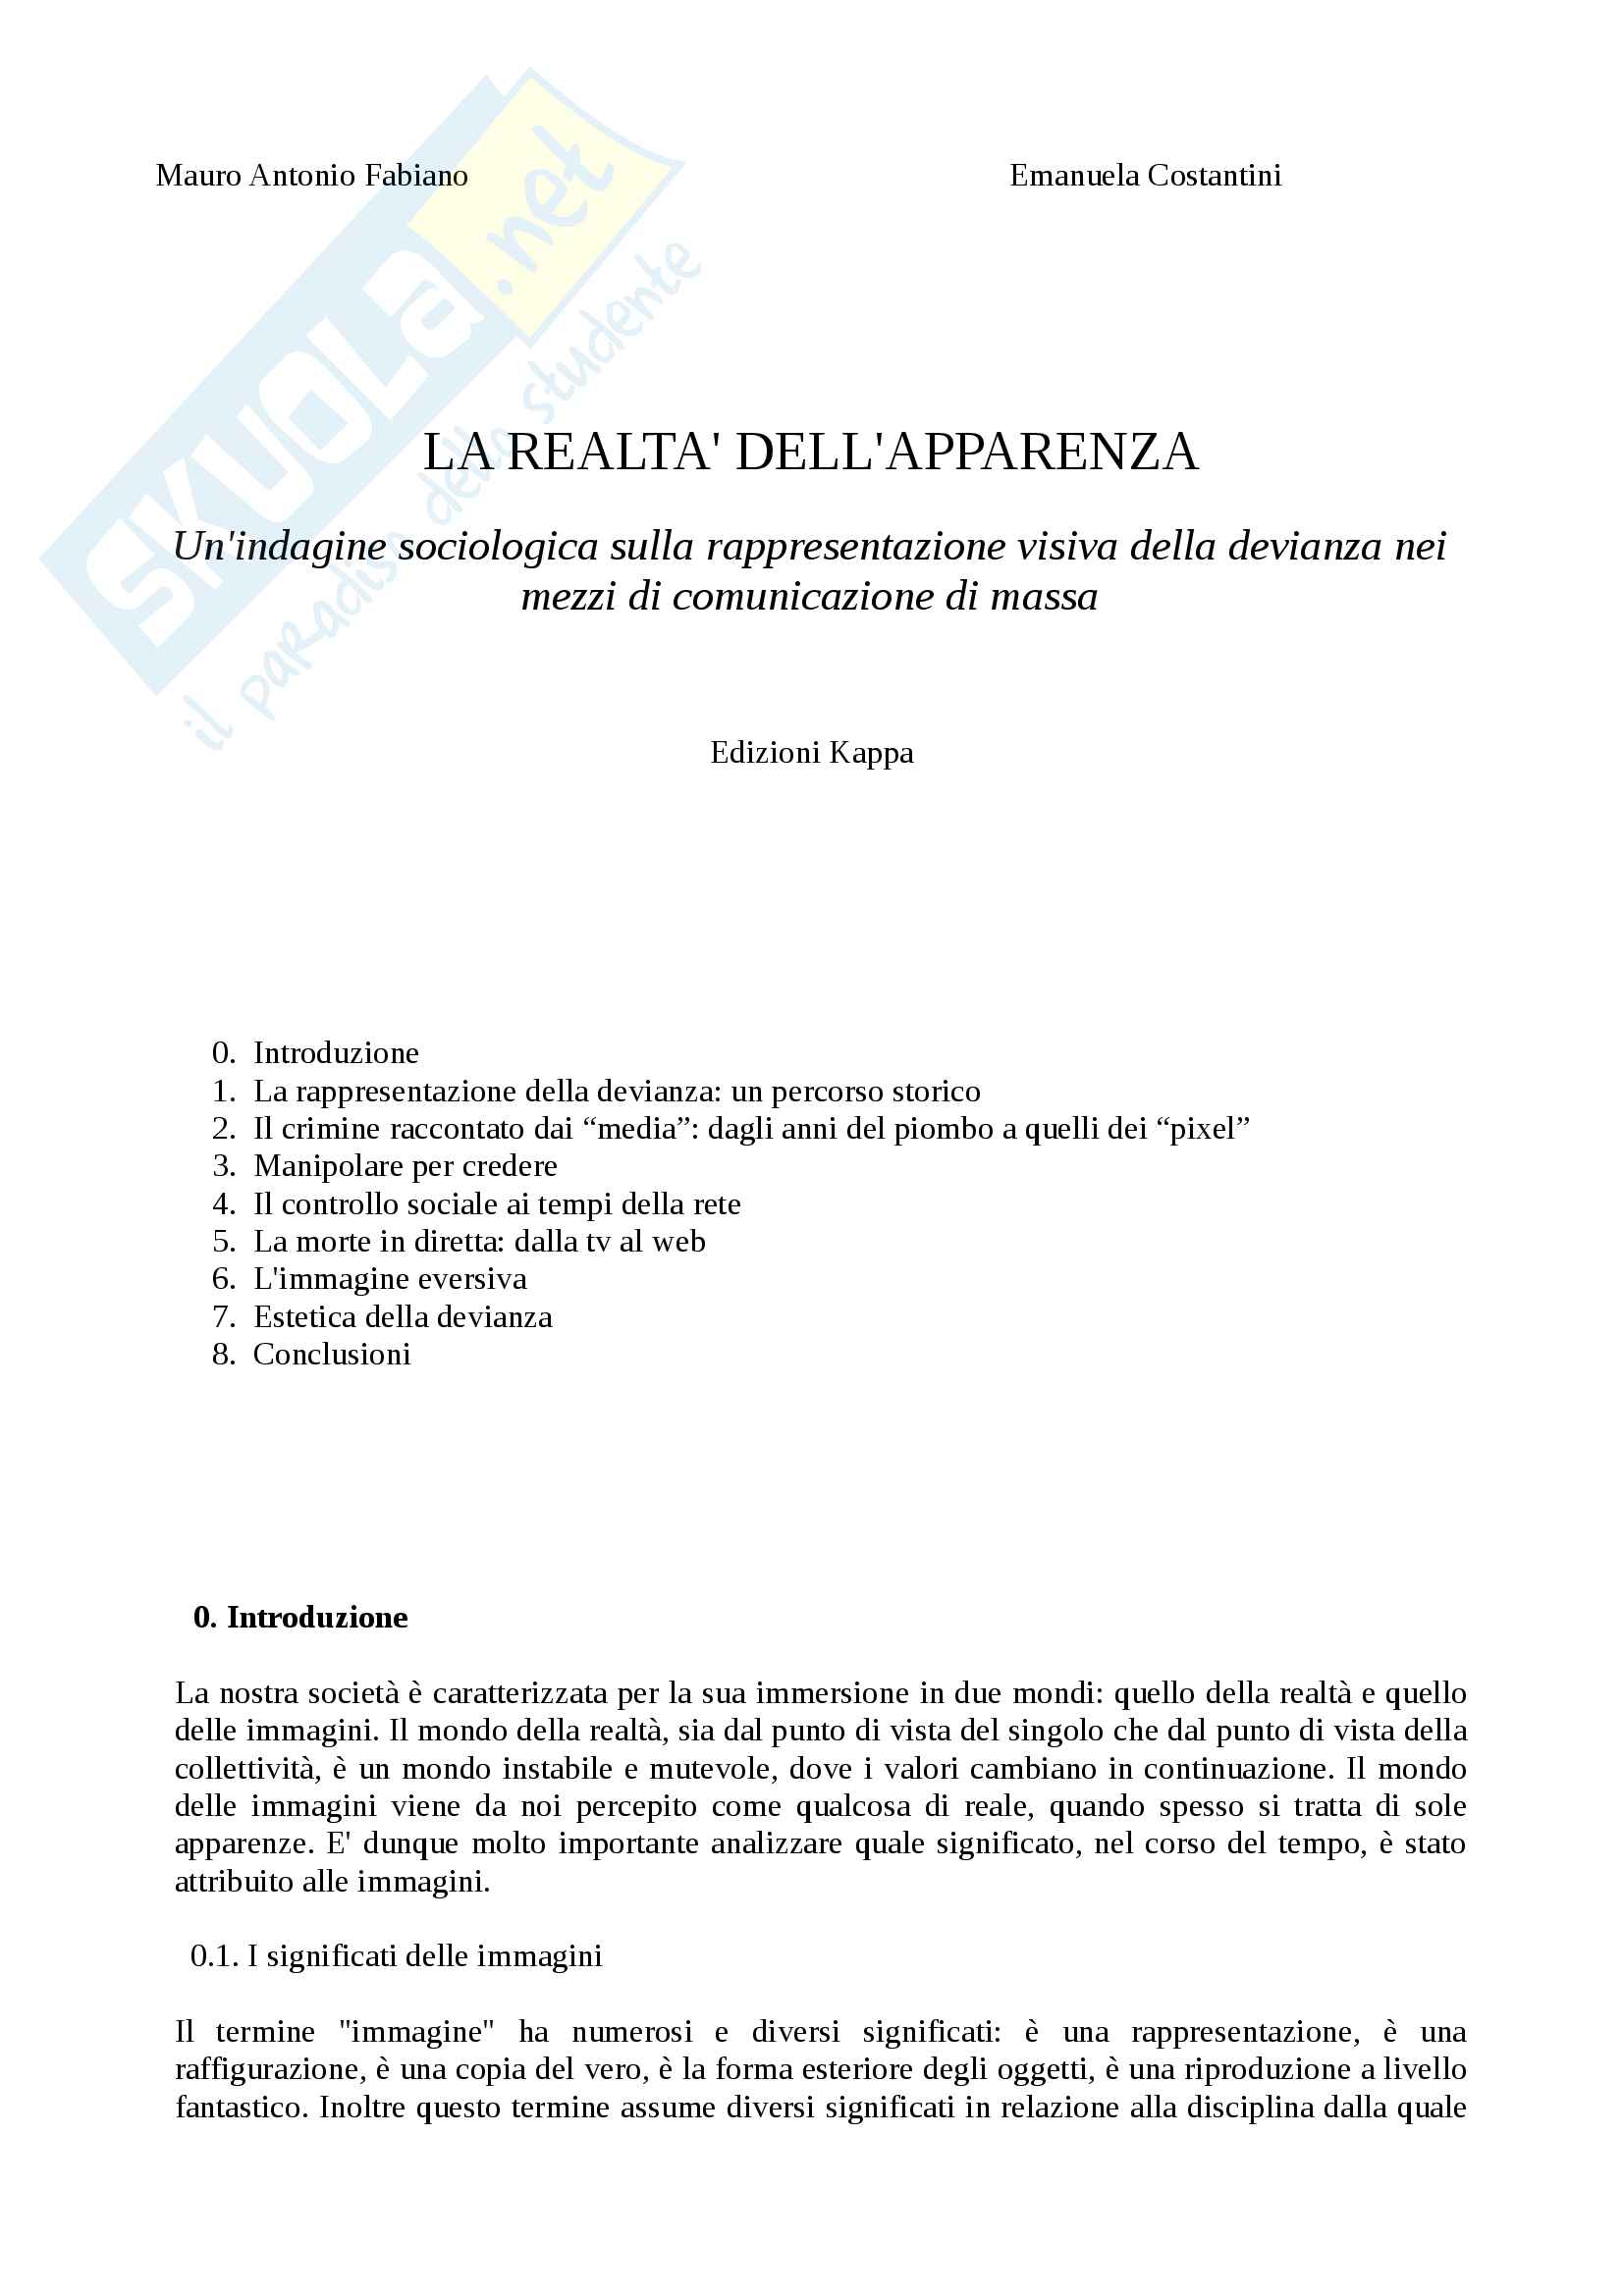 Riassunto esame sociologia, Fabiano, libro consigliato La realtà dell'apparenza, Mauro Antonio Fabiano, Emanuela Costantini